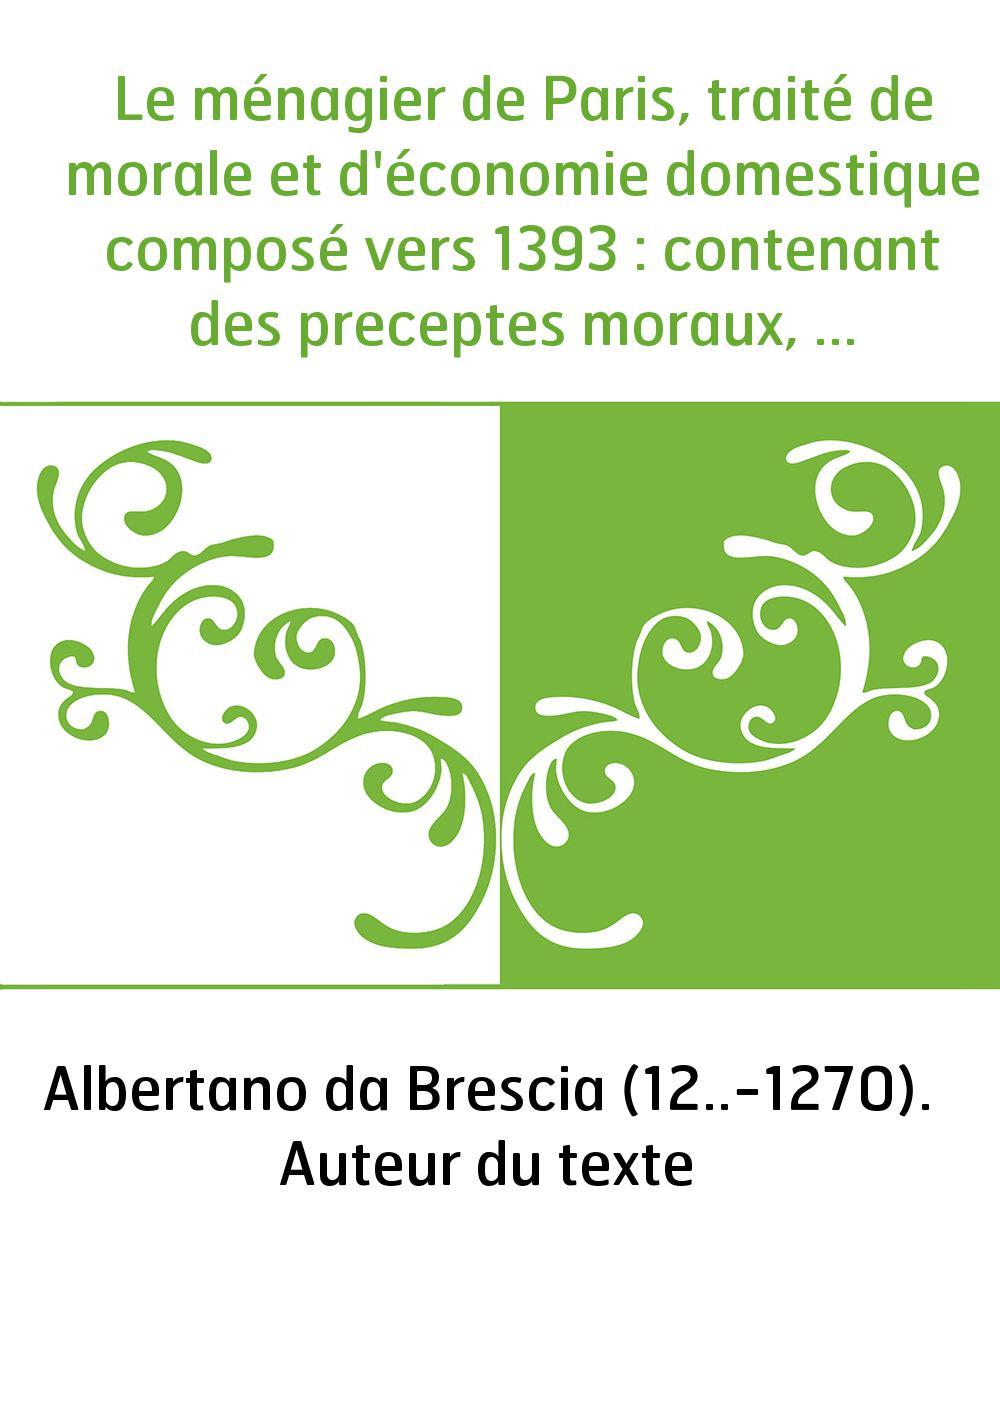 Le ménagier de Paris, traité de morale et d'économie domestique composé vers 1393 : contenant des preceptes moraux, quelques fai